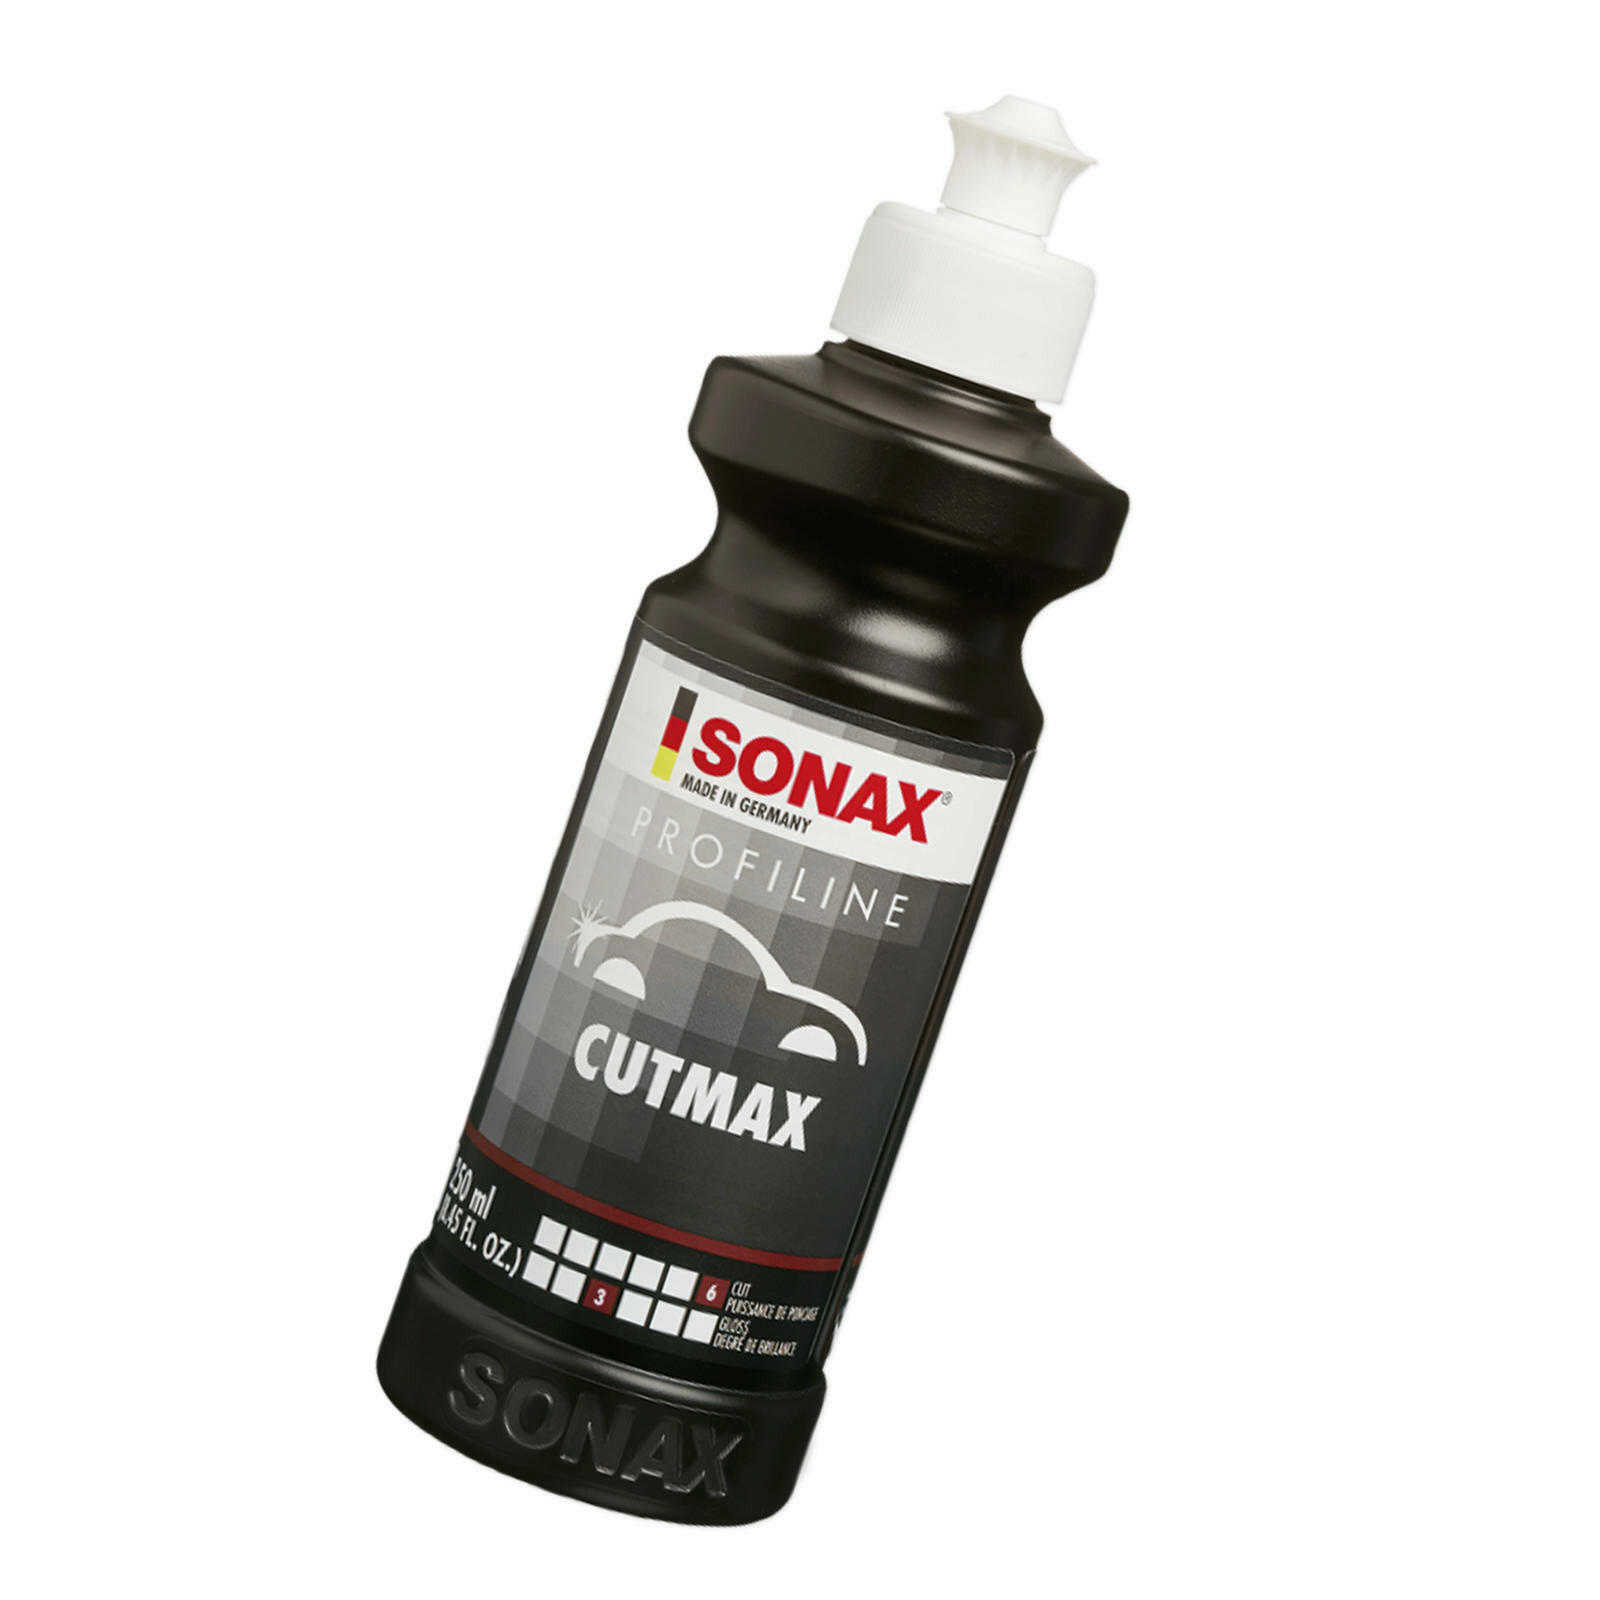 SONAX PROFILINE CutMax 250ml